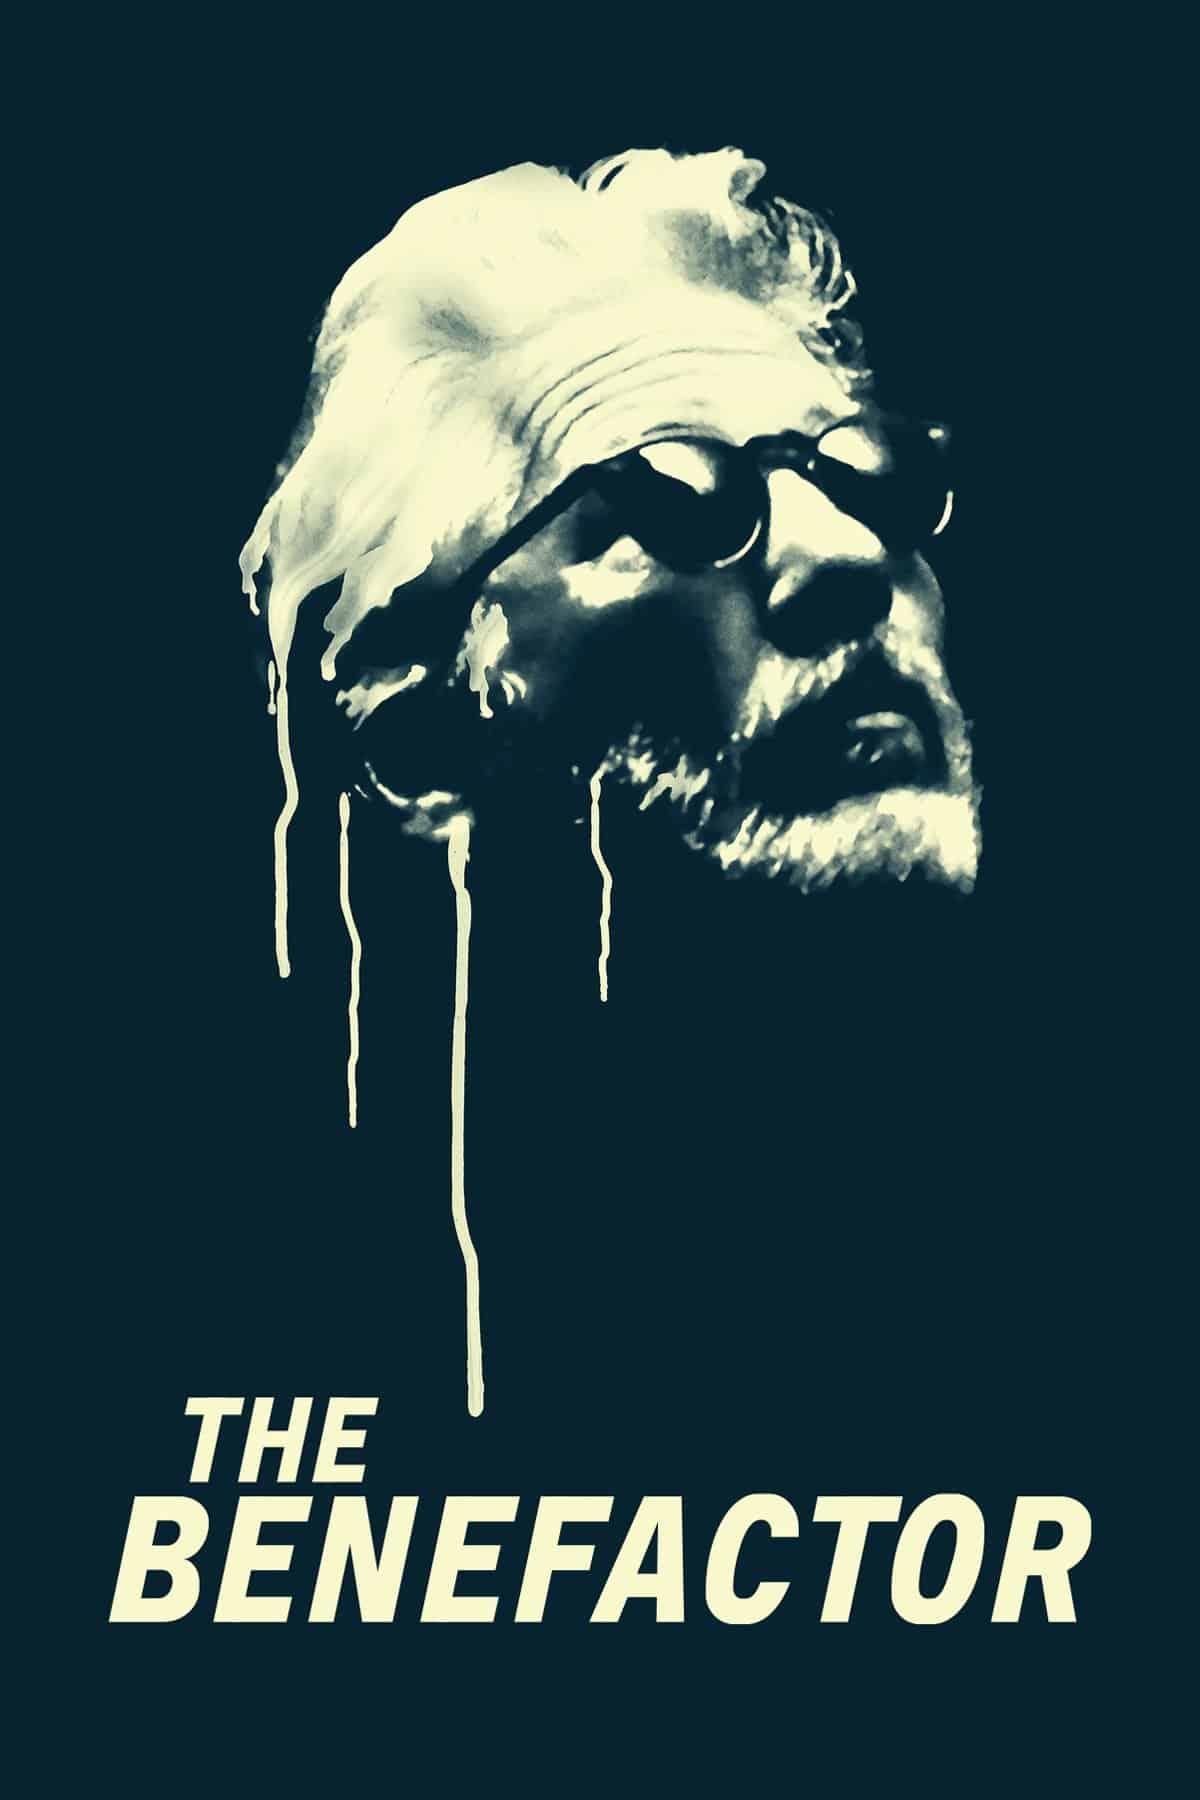 The Benefactor, 2015